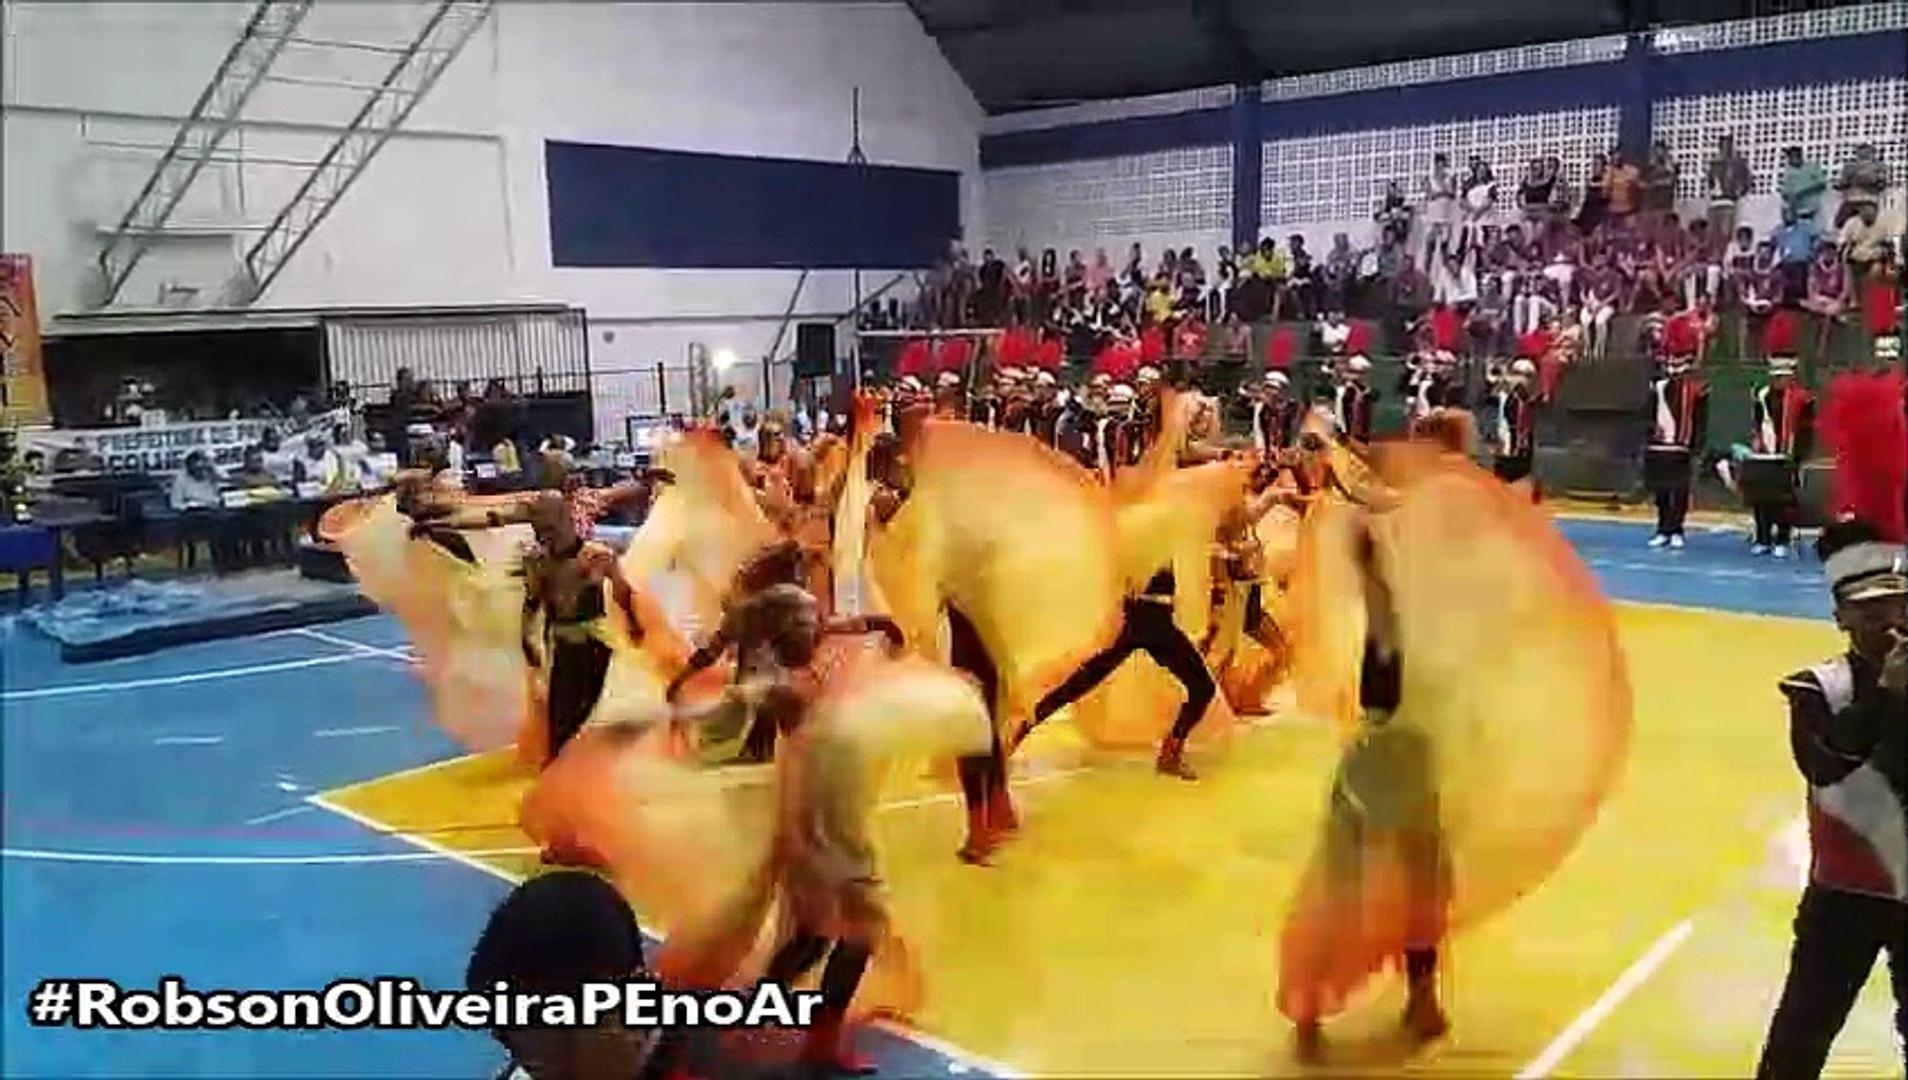 VI COPA NACIONAL DE CAMPEÃS BANDA SHOW SEDEC-PB